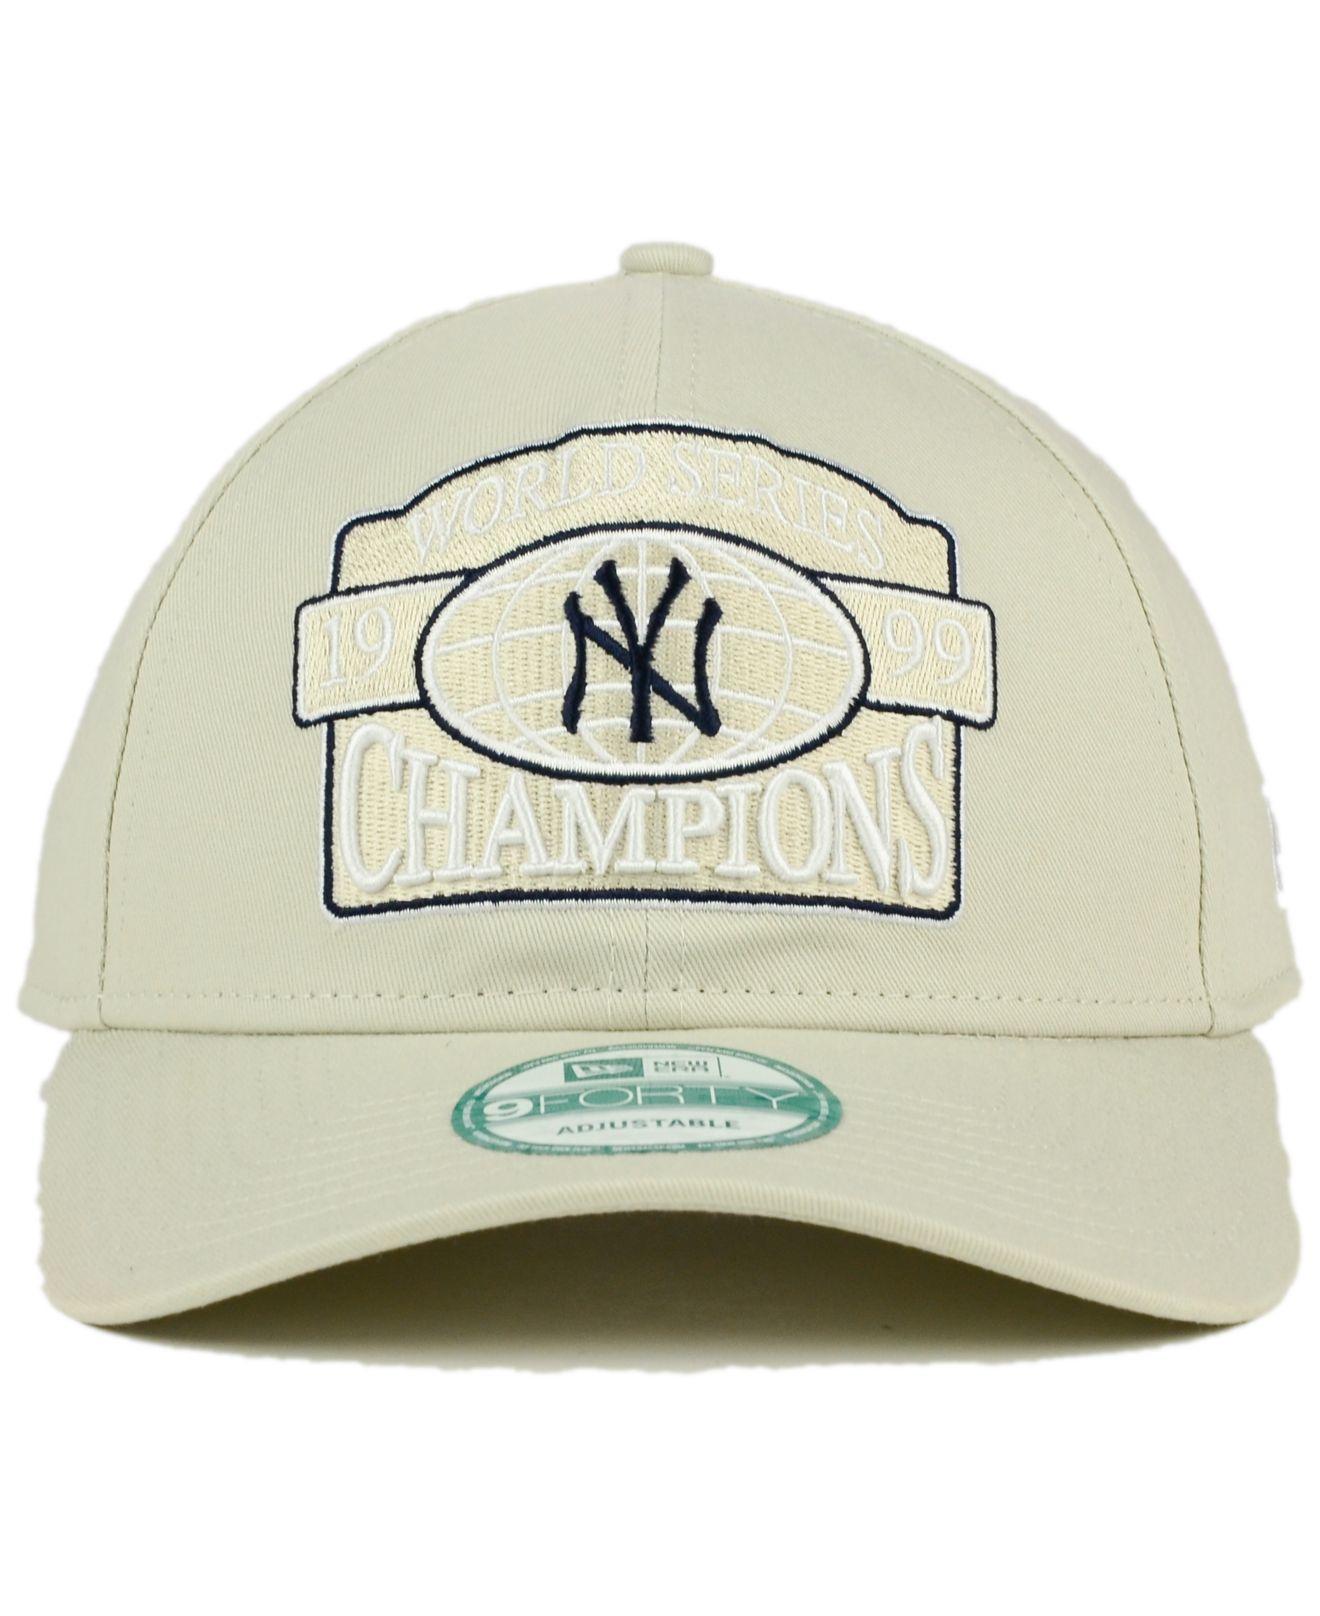 Lyst - KTZ New York Yankees 1999 World Series Champ Anniversary ... 82c1aeb520e